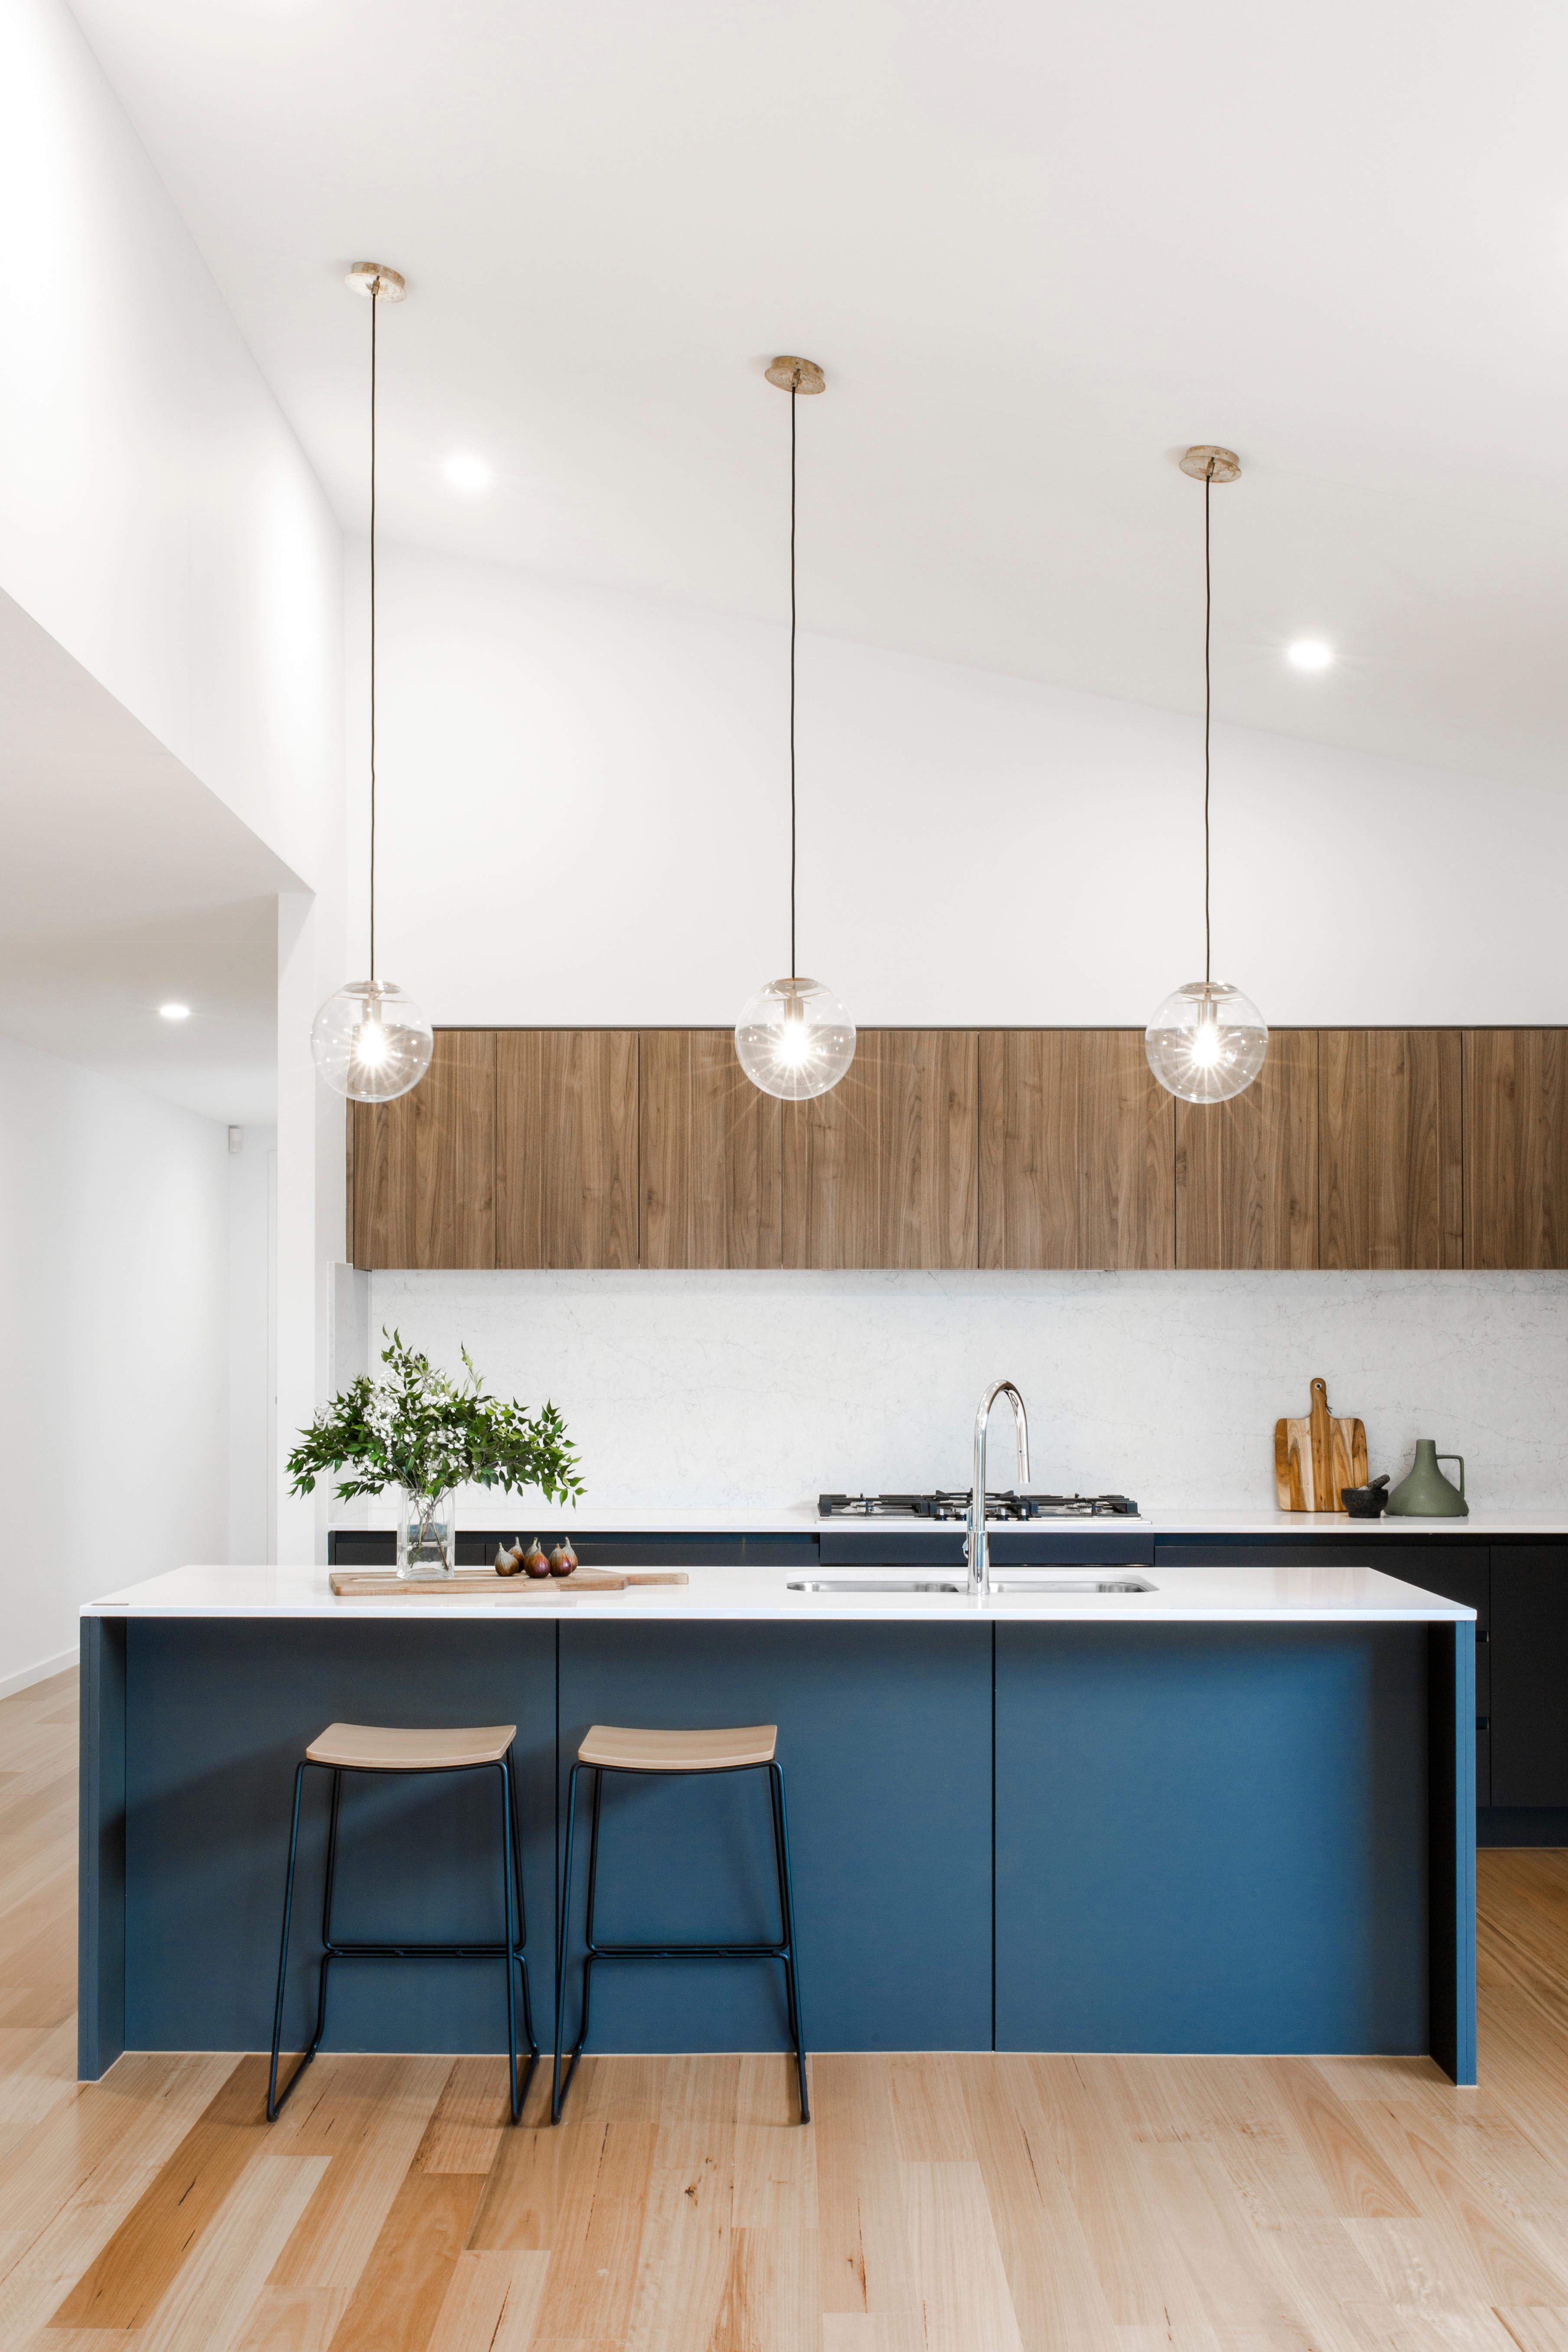 DC Living Ellendale Upper Kedron display home